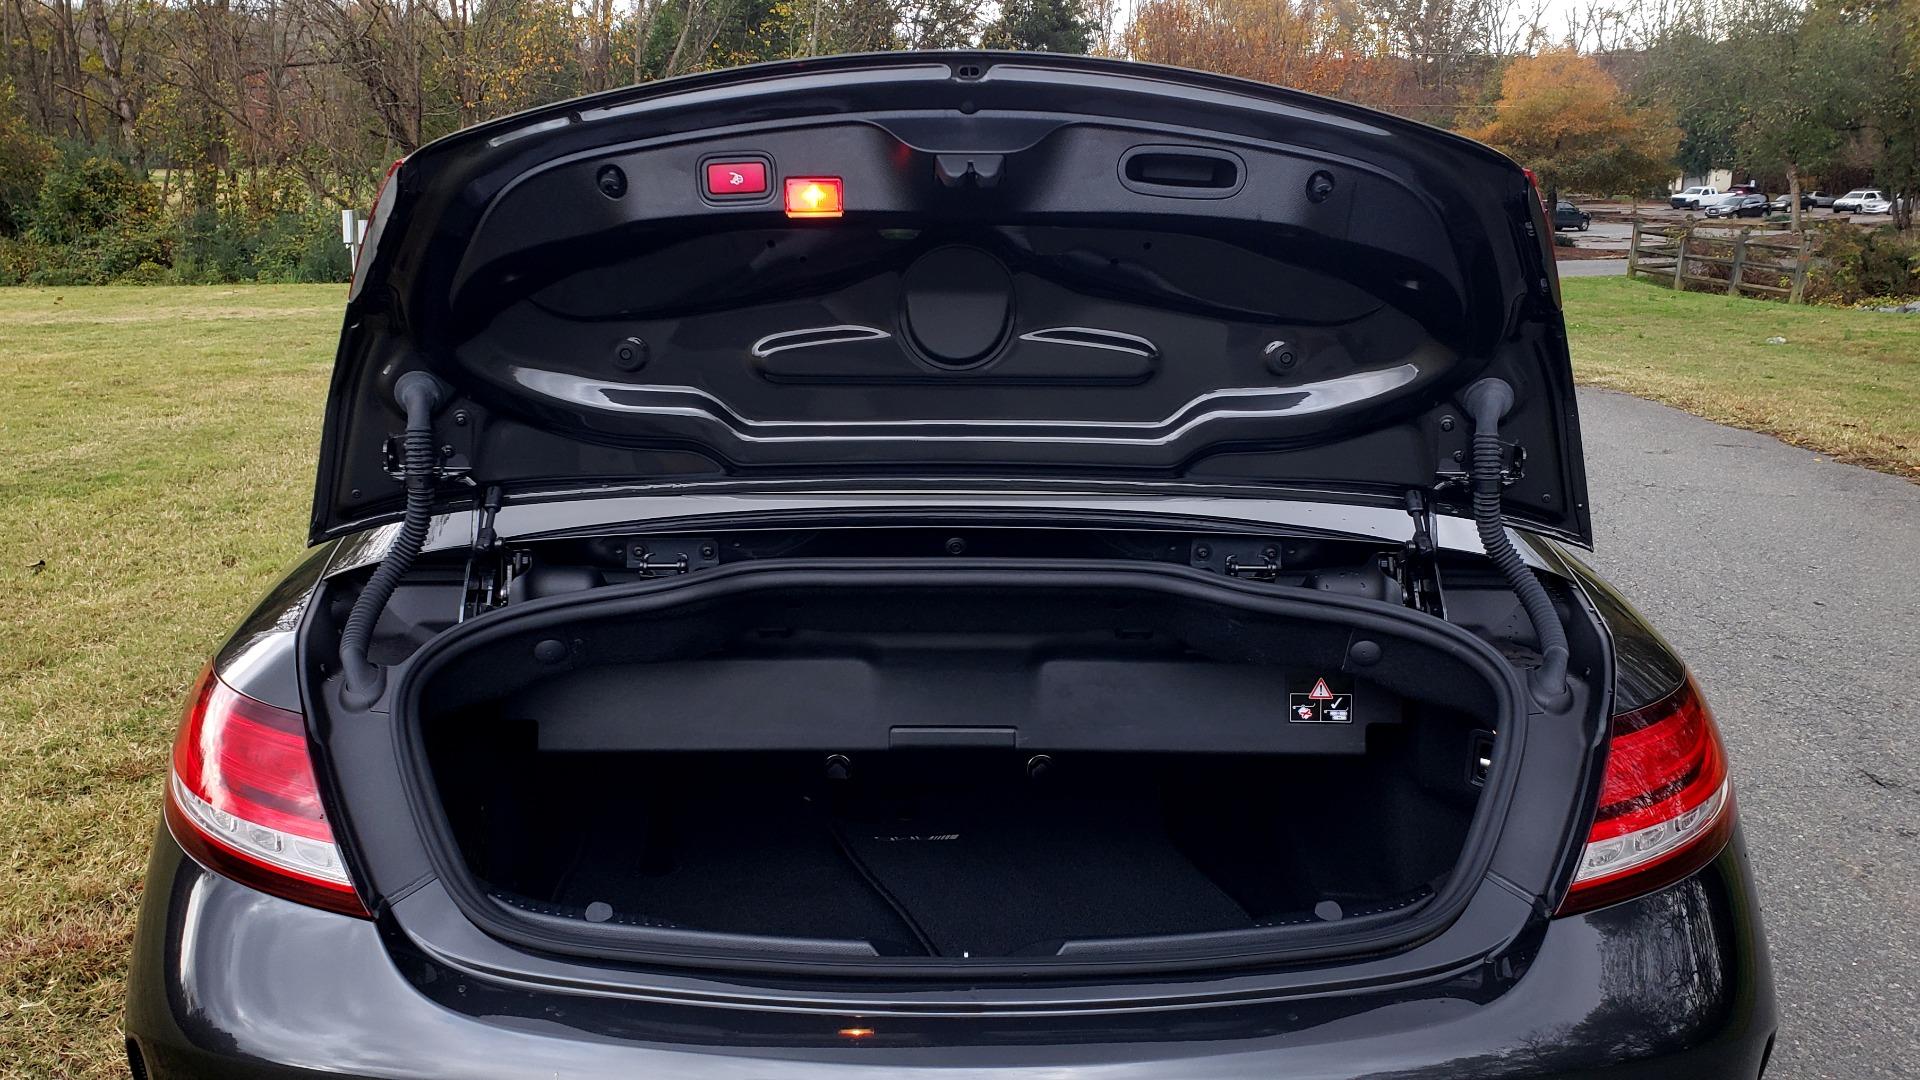 Used 2019 Mercedes-Benz C-CLASS C 300 CABRIOLET / PREM PKG / NAV / BURMESTER / MULTIMEDIA for sale Sold at Formula Imports in Charlotte NC 28227 67